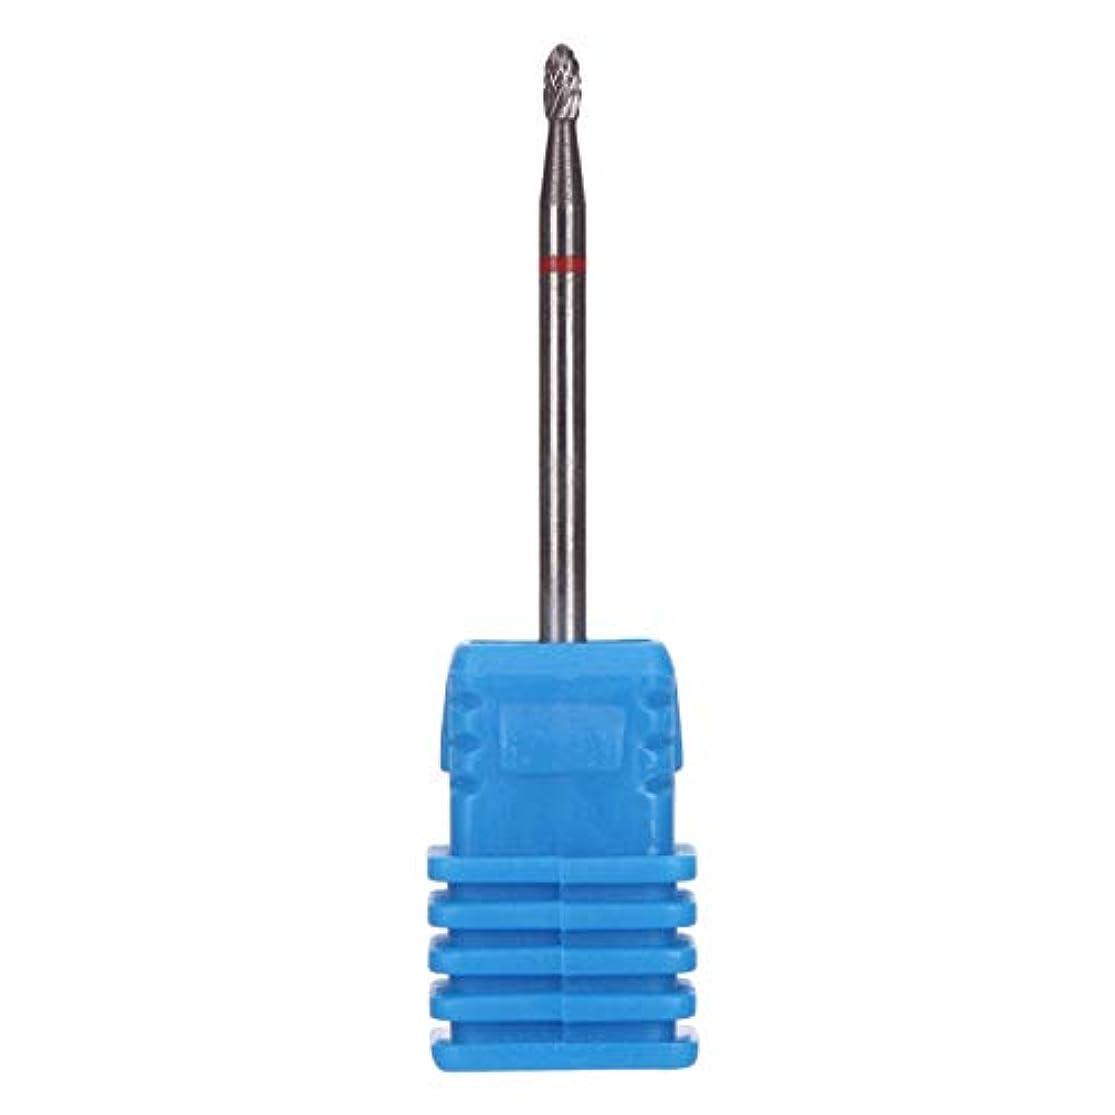 ネズミアルコーブハイブリッドOU-Kunmlef 釘芸術美しさカッター研削タングステン鋼研磨フライドマニキュアペディキュア釘(None S-H0103 Elliptical)